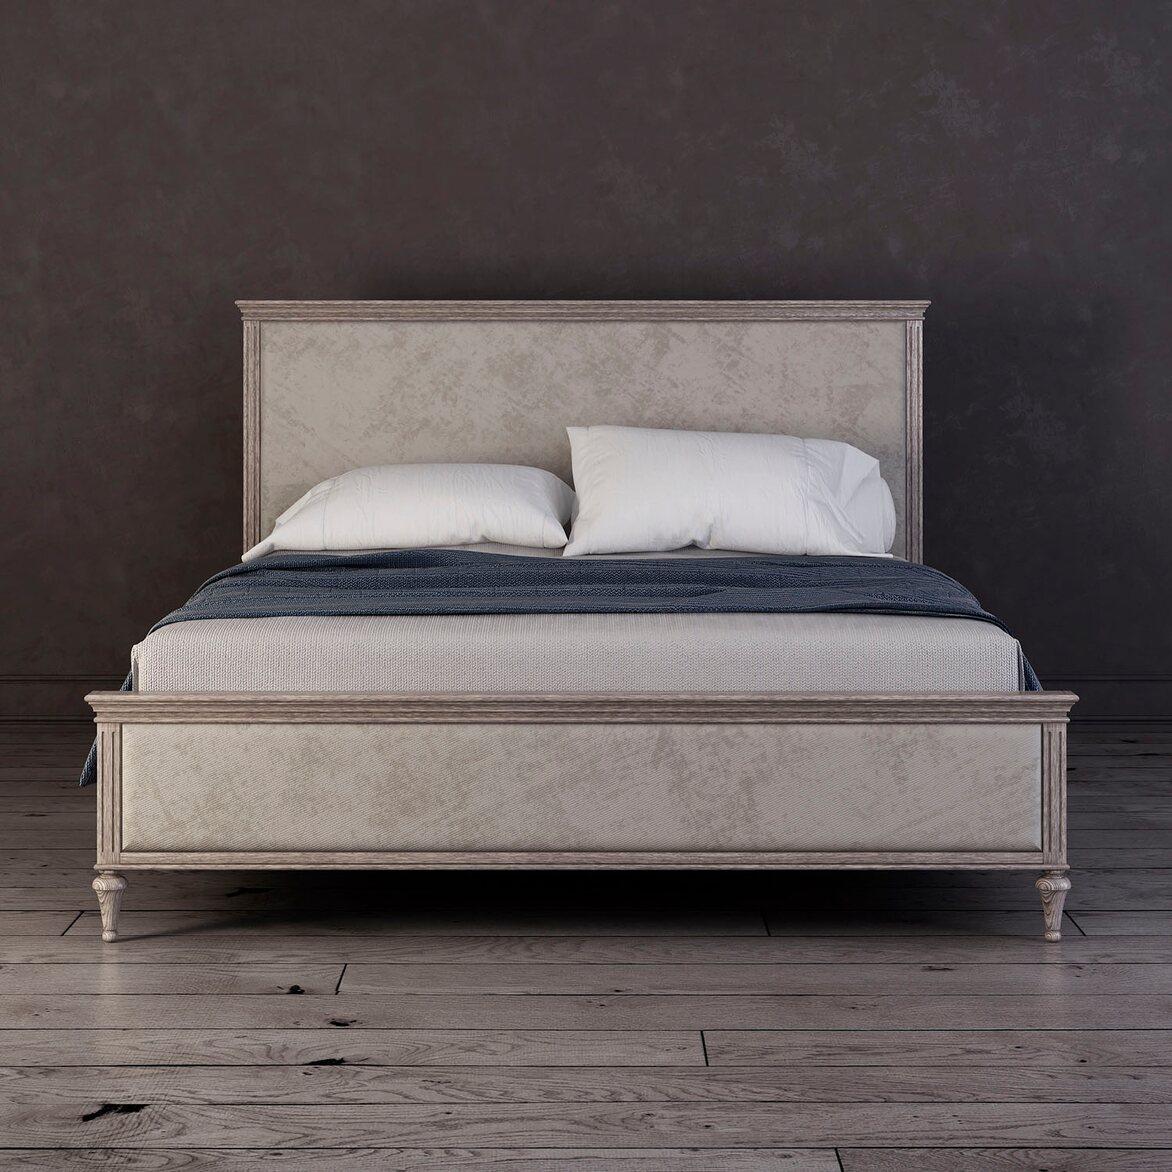 Кровать с мягким изголовьем 160*200 Riverdi, светлый дуб | Двуспальные кровати Kingsby